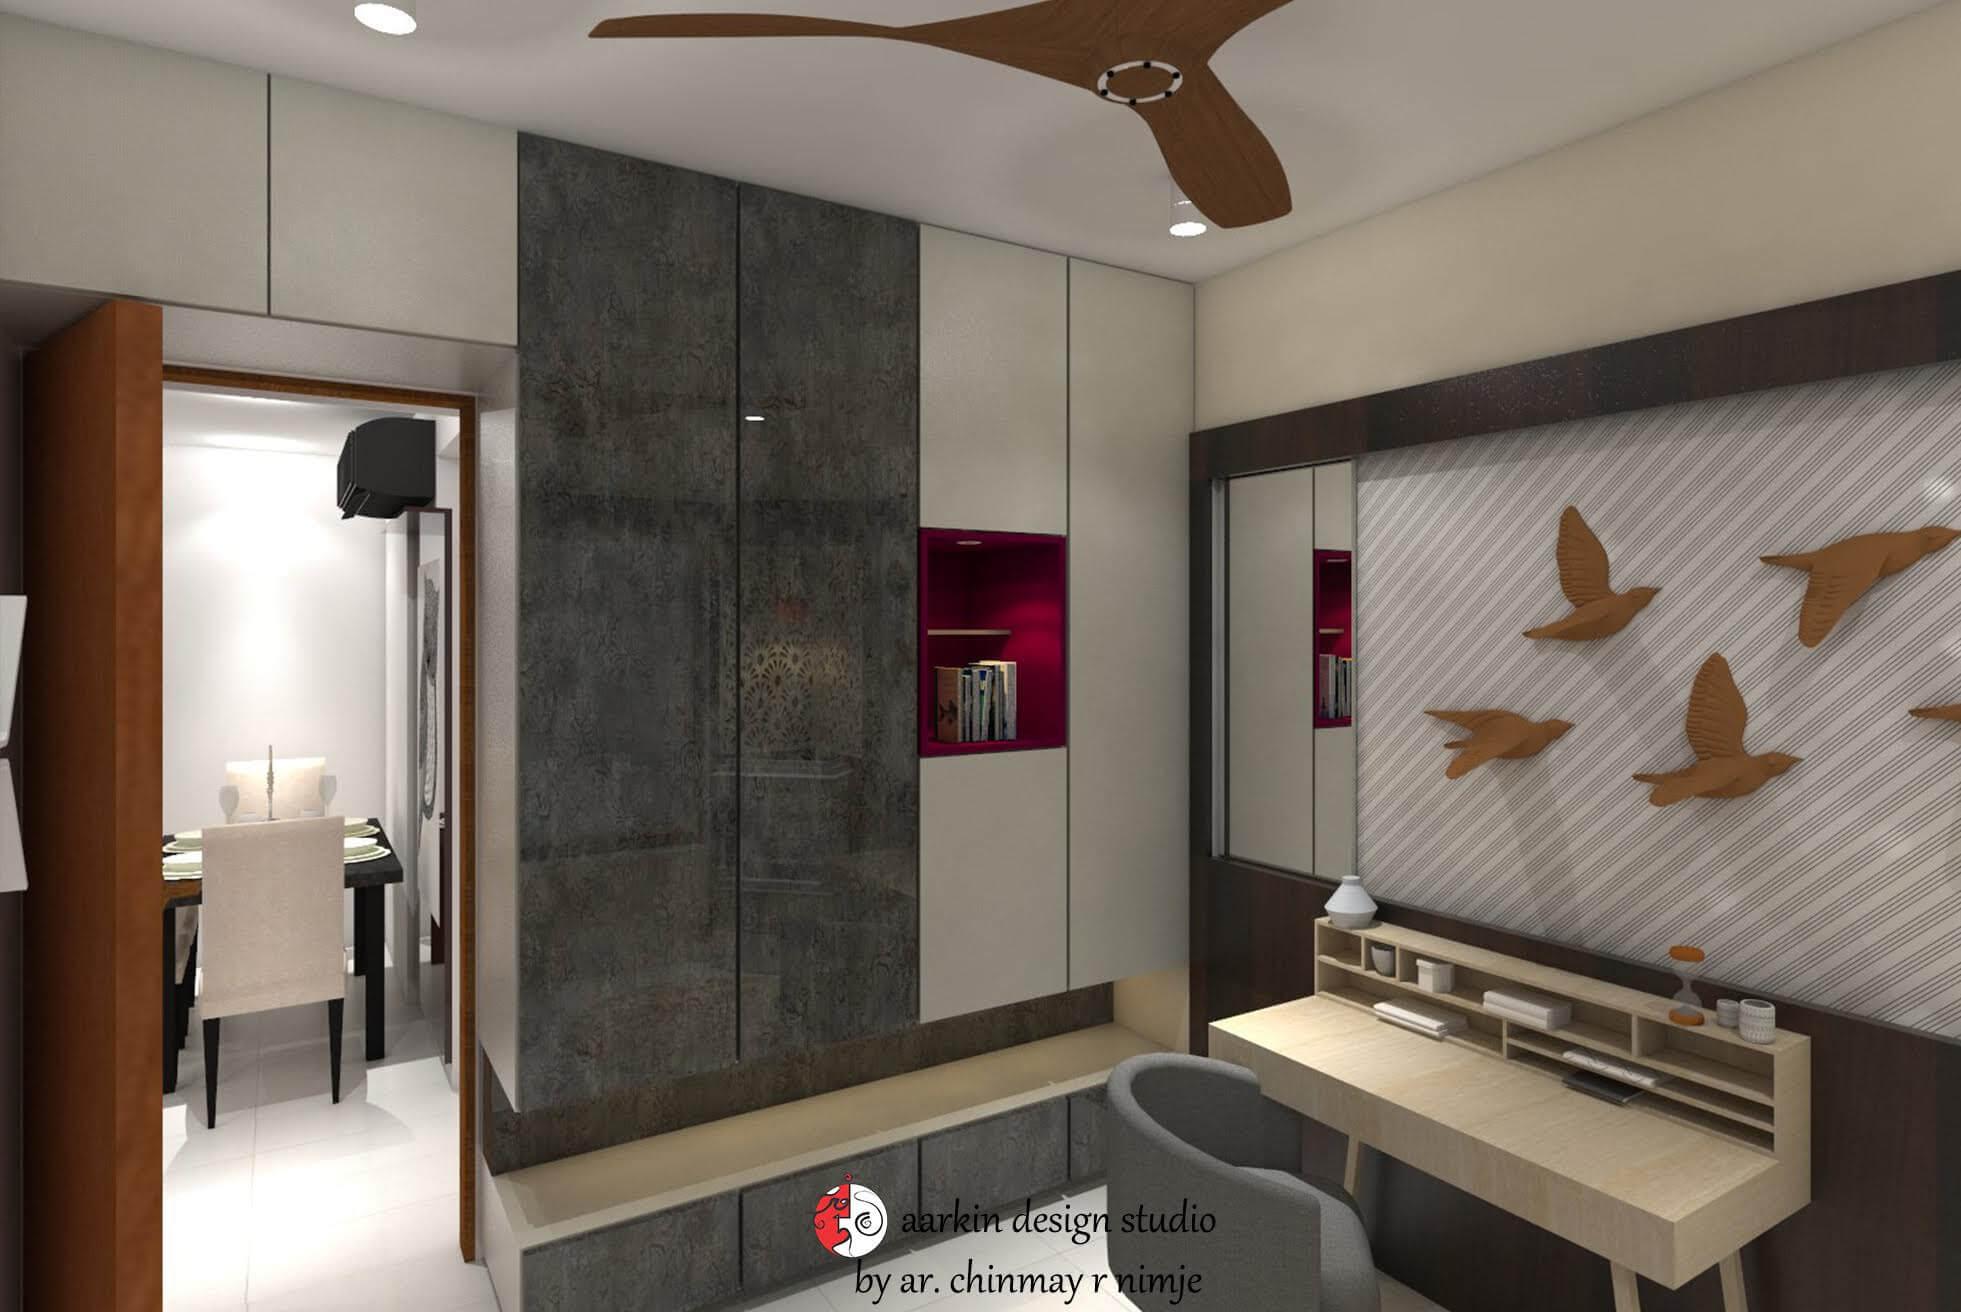 wall hung wardrobe with wall art